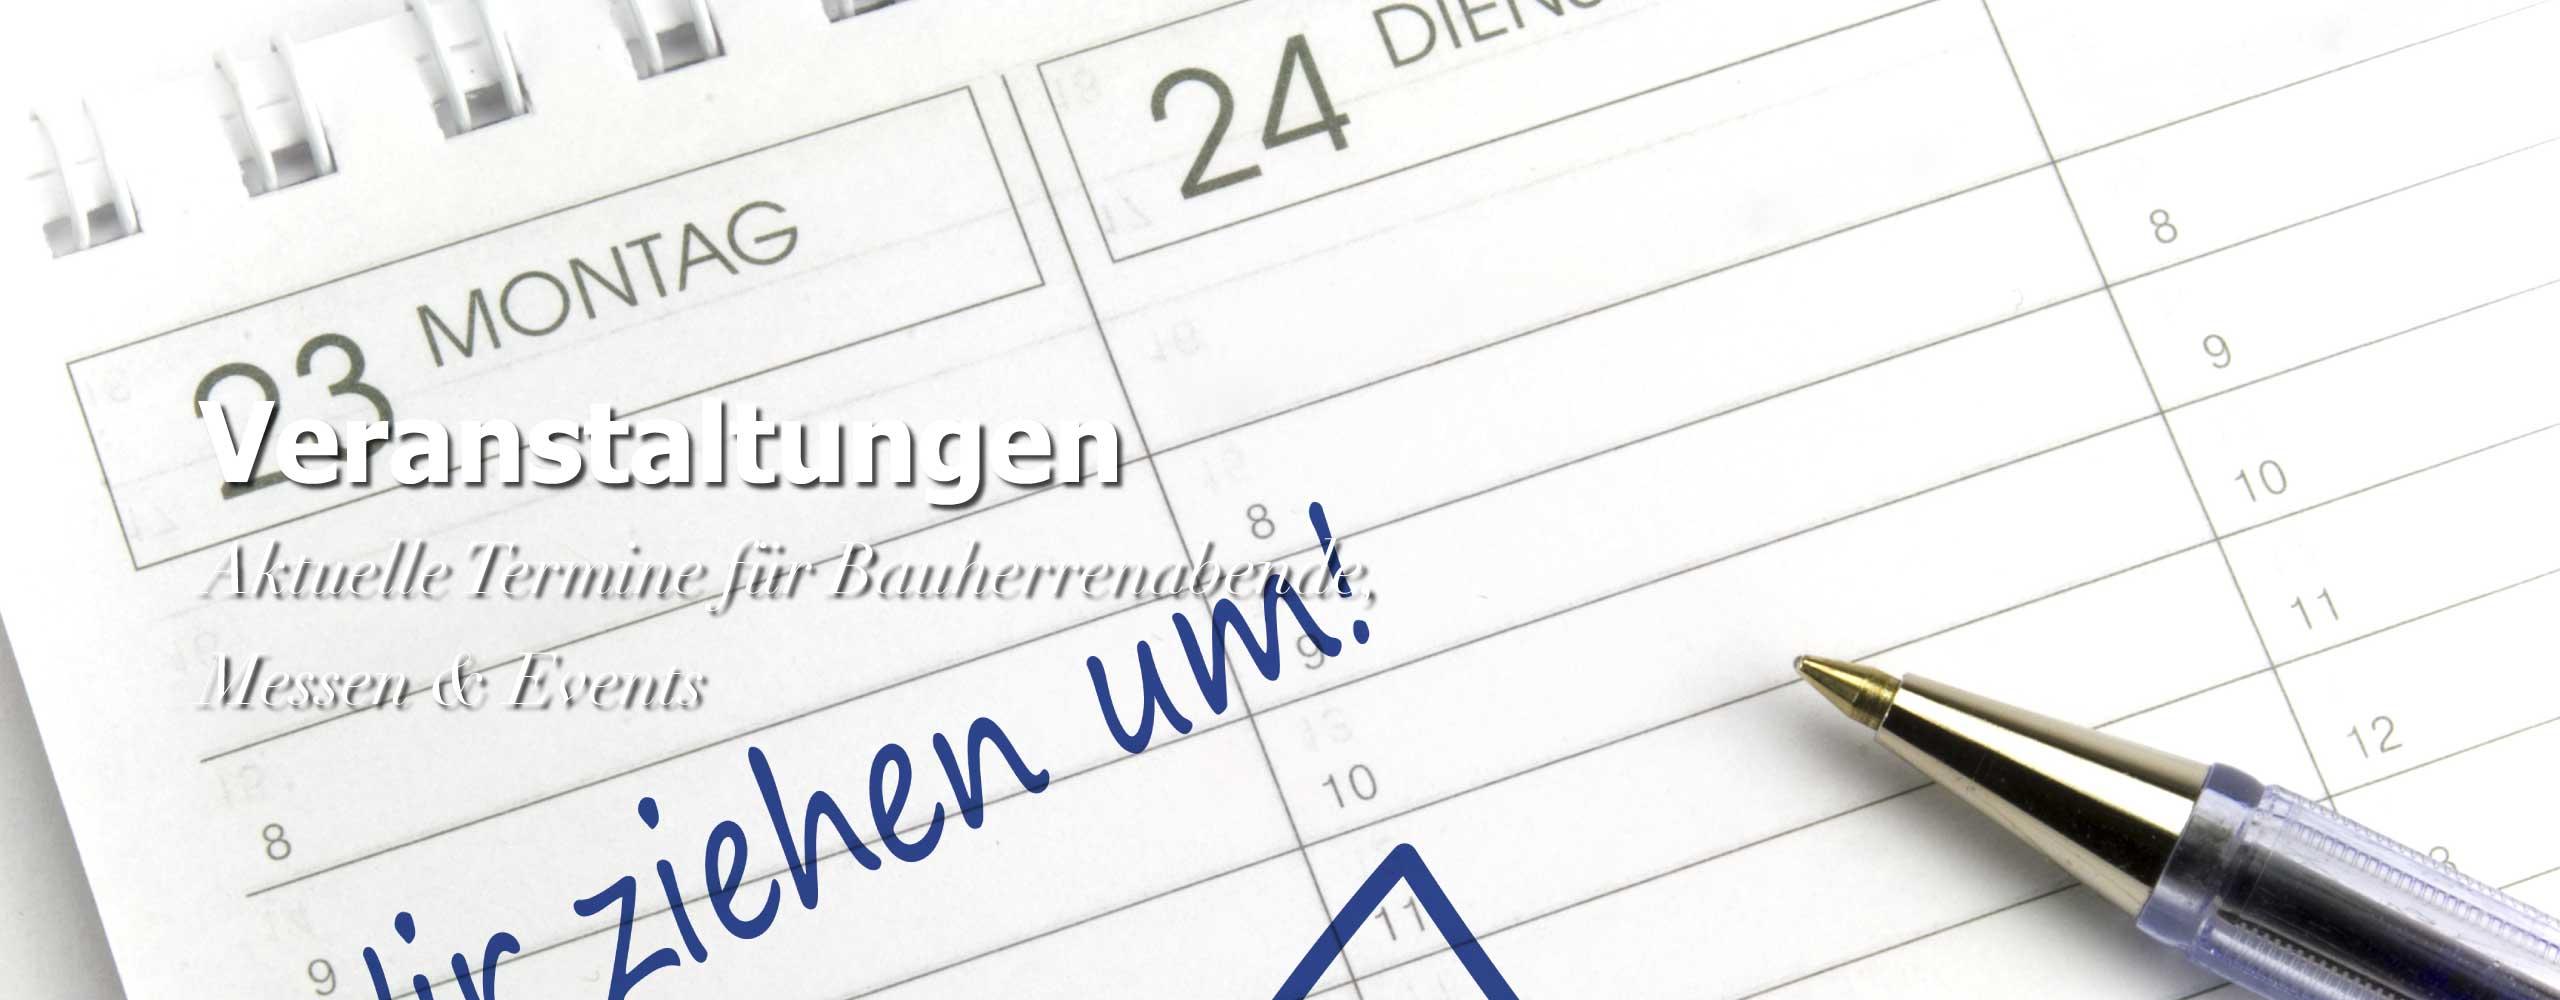 Veranstaltungen Termine Events Bauherrenabende Informationsveranstaltungen Messen Zimmerei Mohr